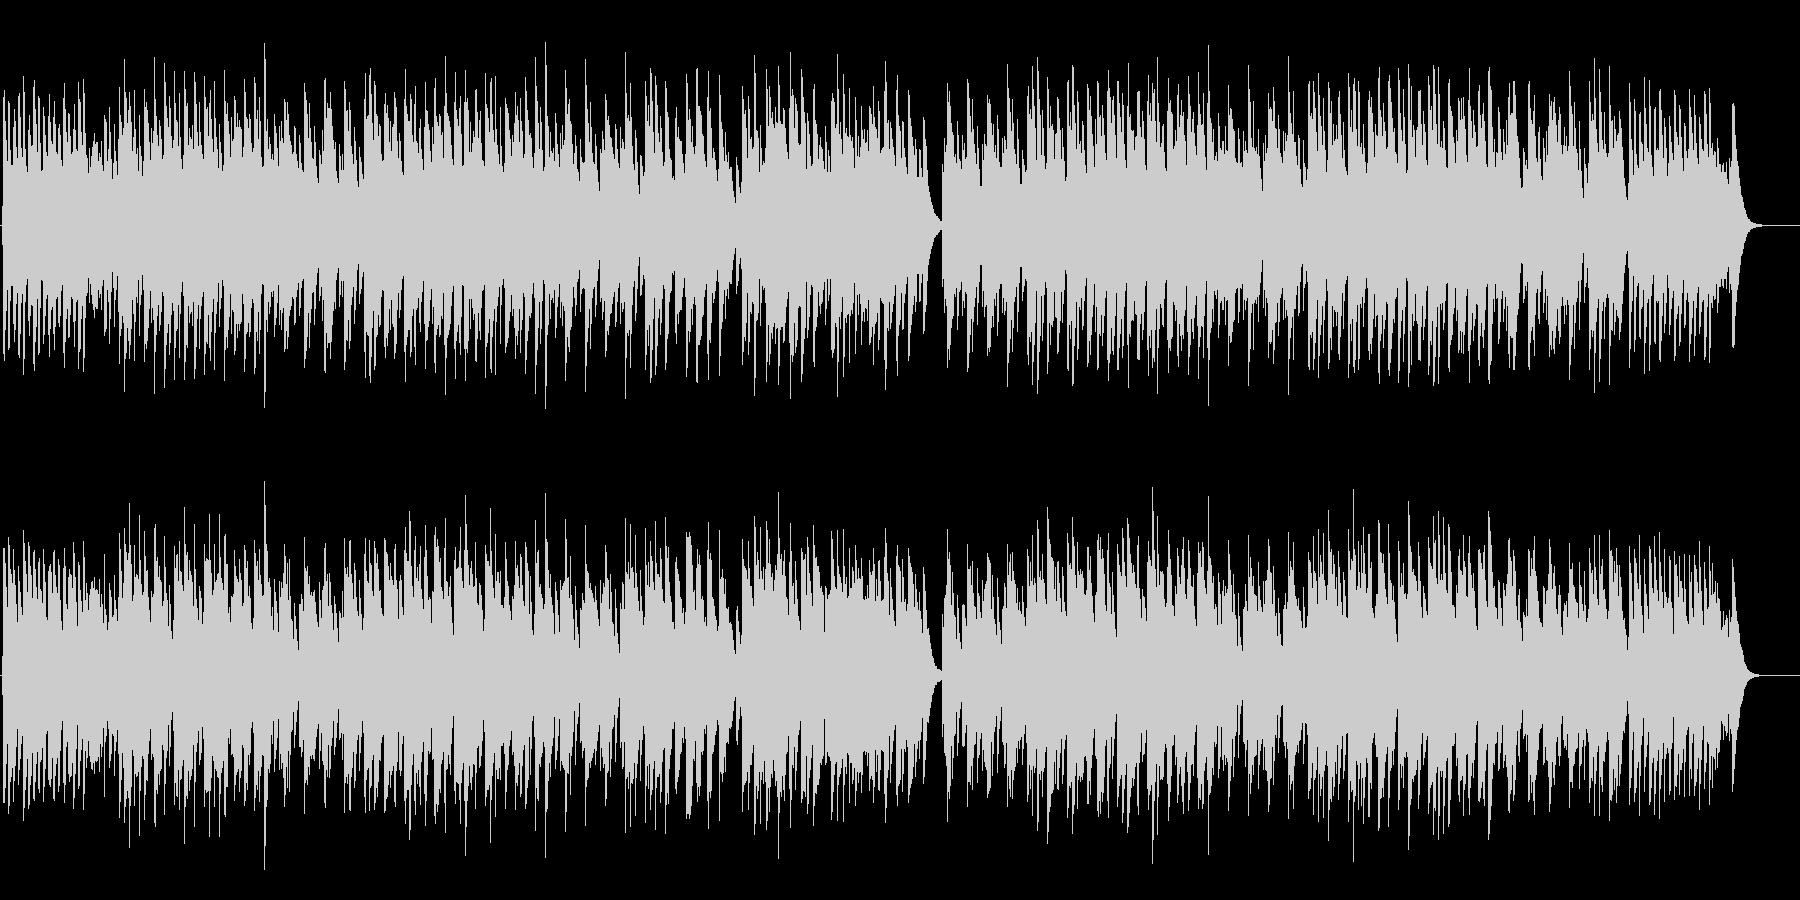 山の音楽家 / ドイツ民謡の未再生の波形